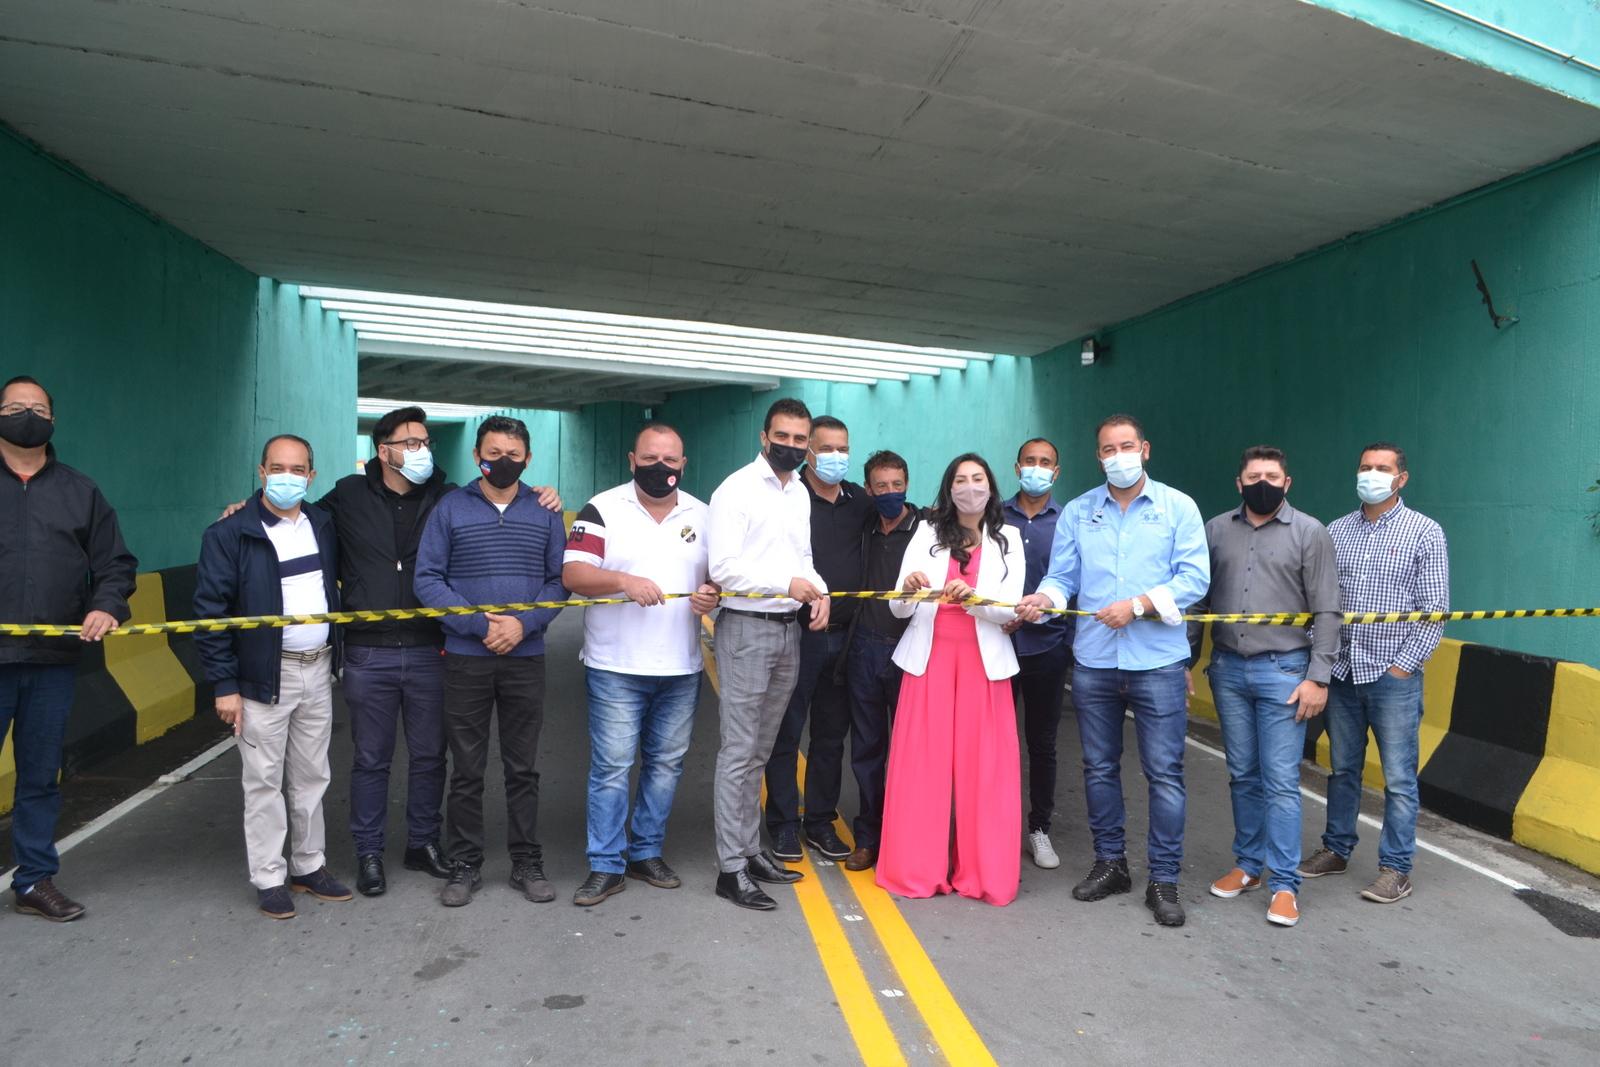 Vereadores prestigiam a inauguração de revitalização do Pontilhão no Jardim Tinoco